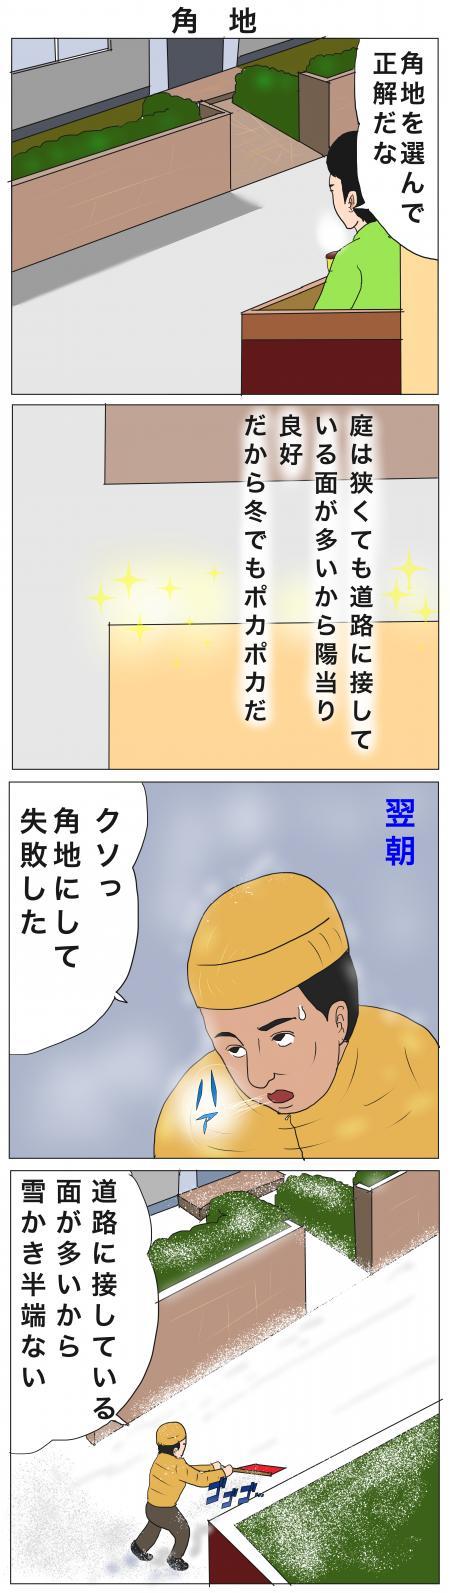 角地+_convert_20150117112442